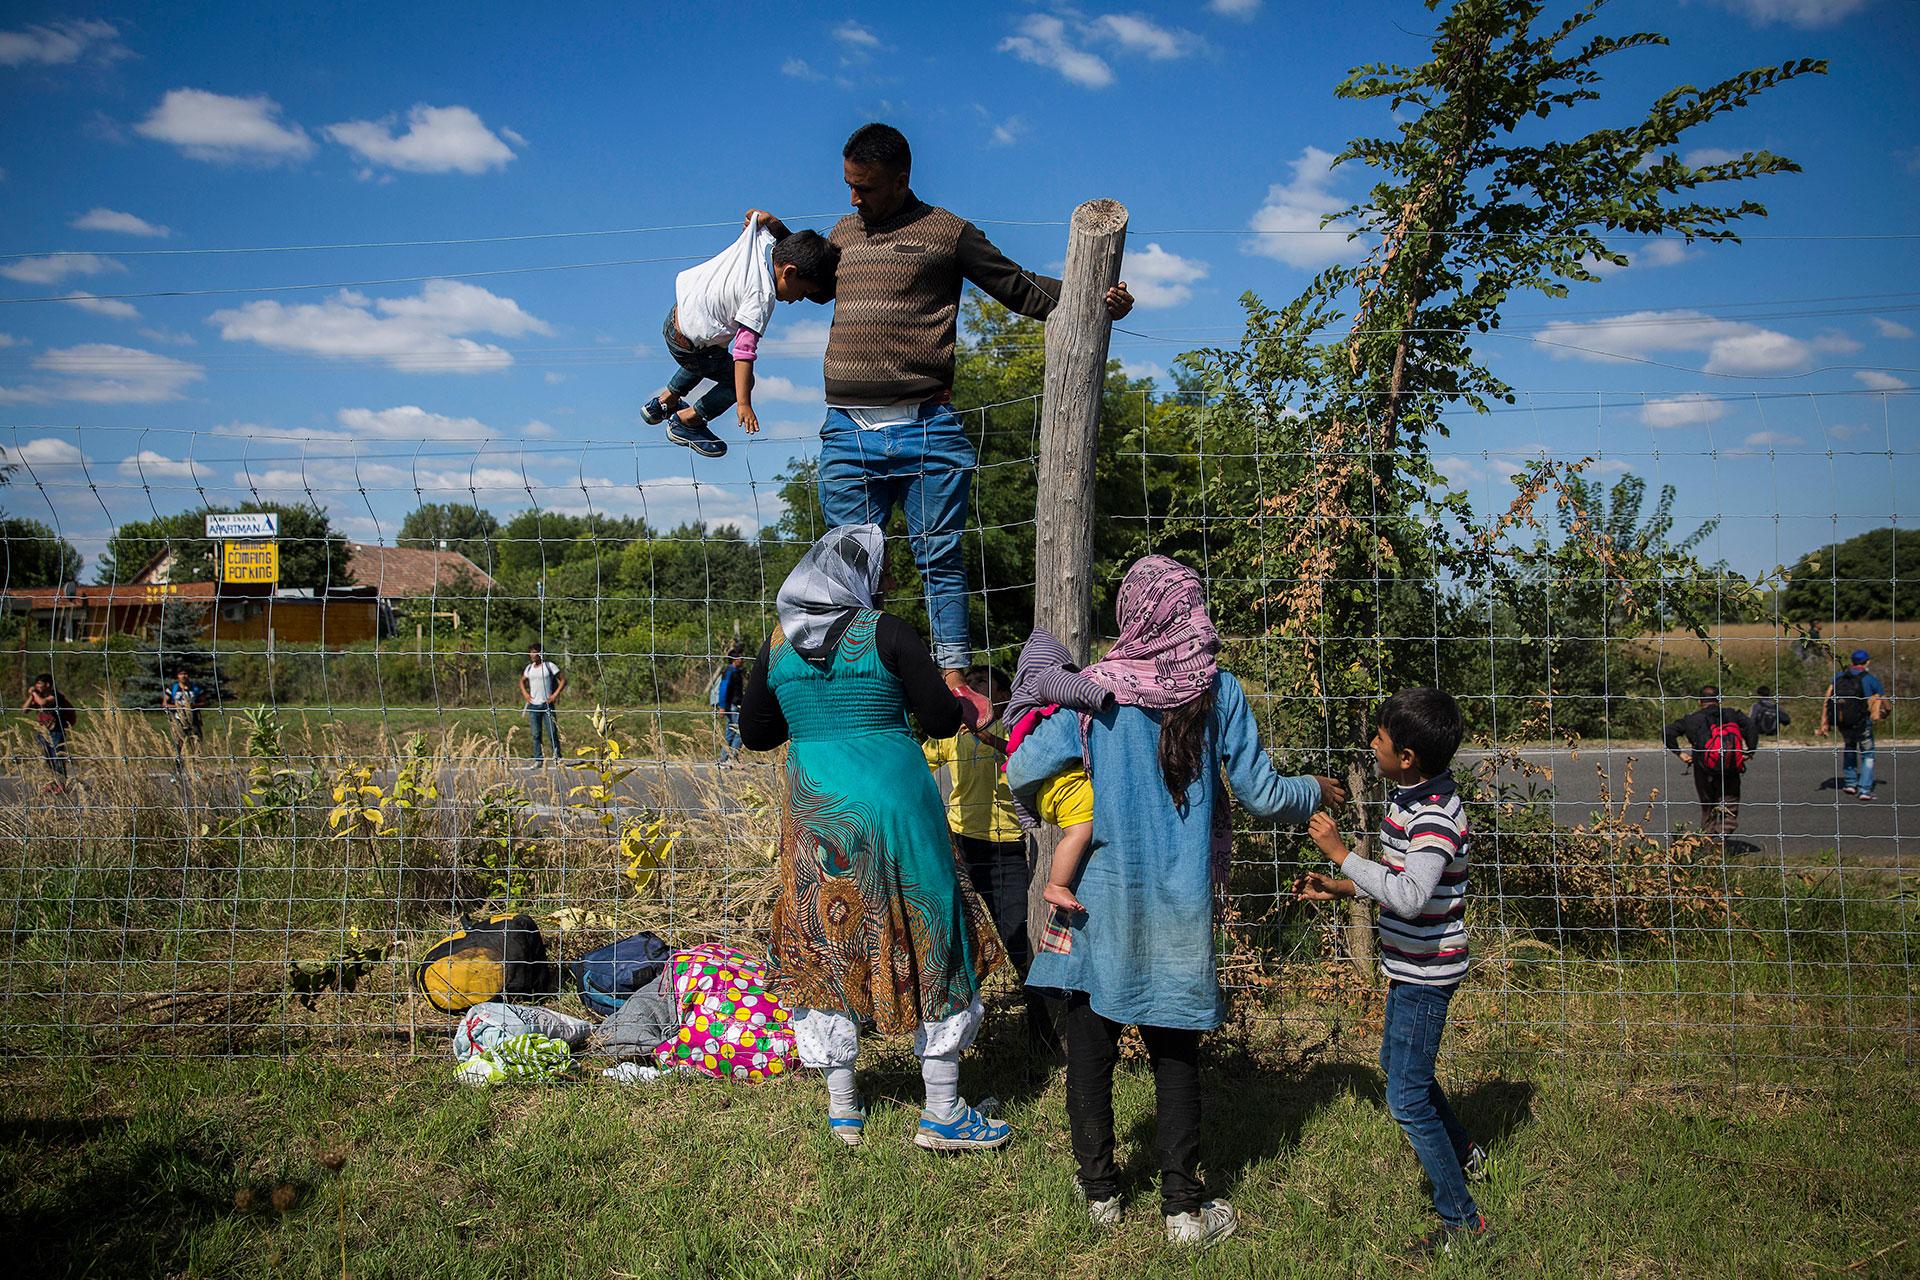 Una familia salta la valla de una autopista en el pueblo de Roszke junto a cientos de personas, huyendo de la policía que quería llevarlos a un centro de identificación. (Roszke. Hungría. 09/09/2015).